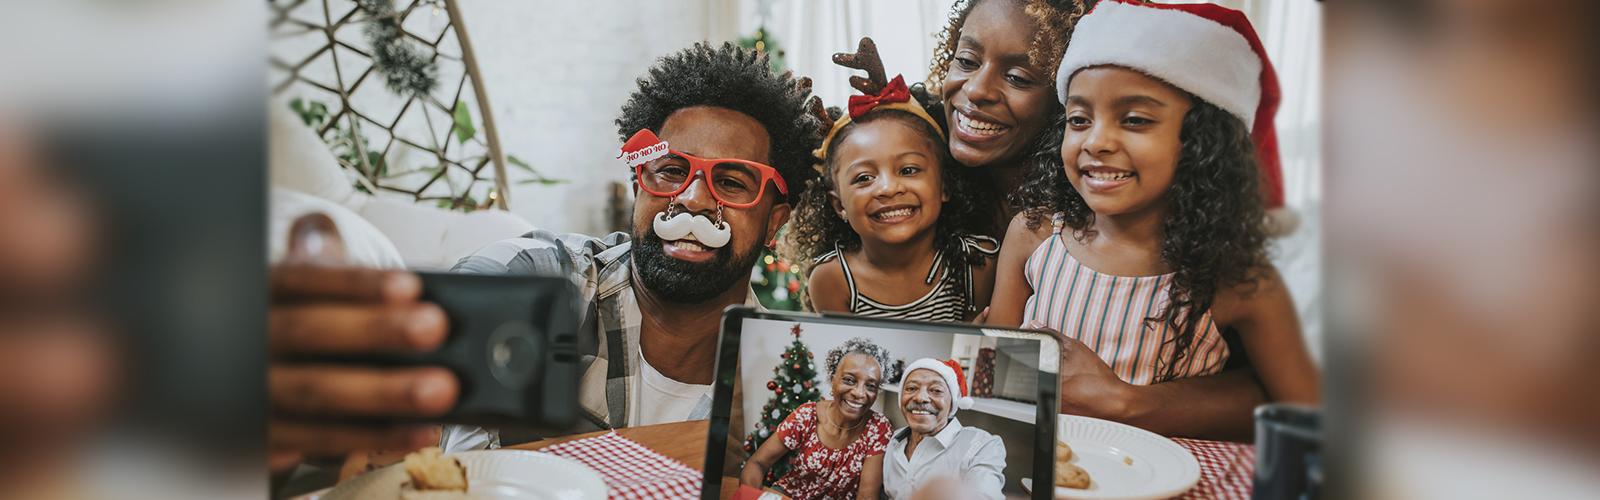 Imagem mostra pai, mãe e filhas fazendo chamada com avós durante o Natal. Os avós aparecem em uma tela de tablet e todos os usam adereços natalinos, como gorro de Papai Noel.